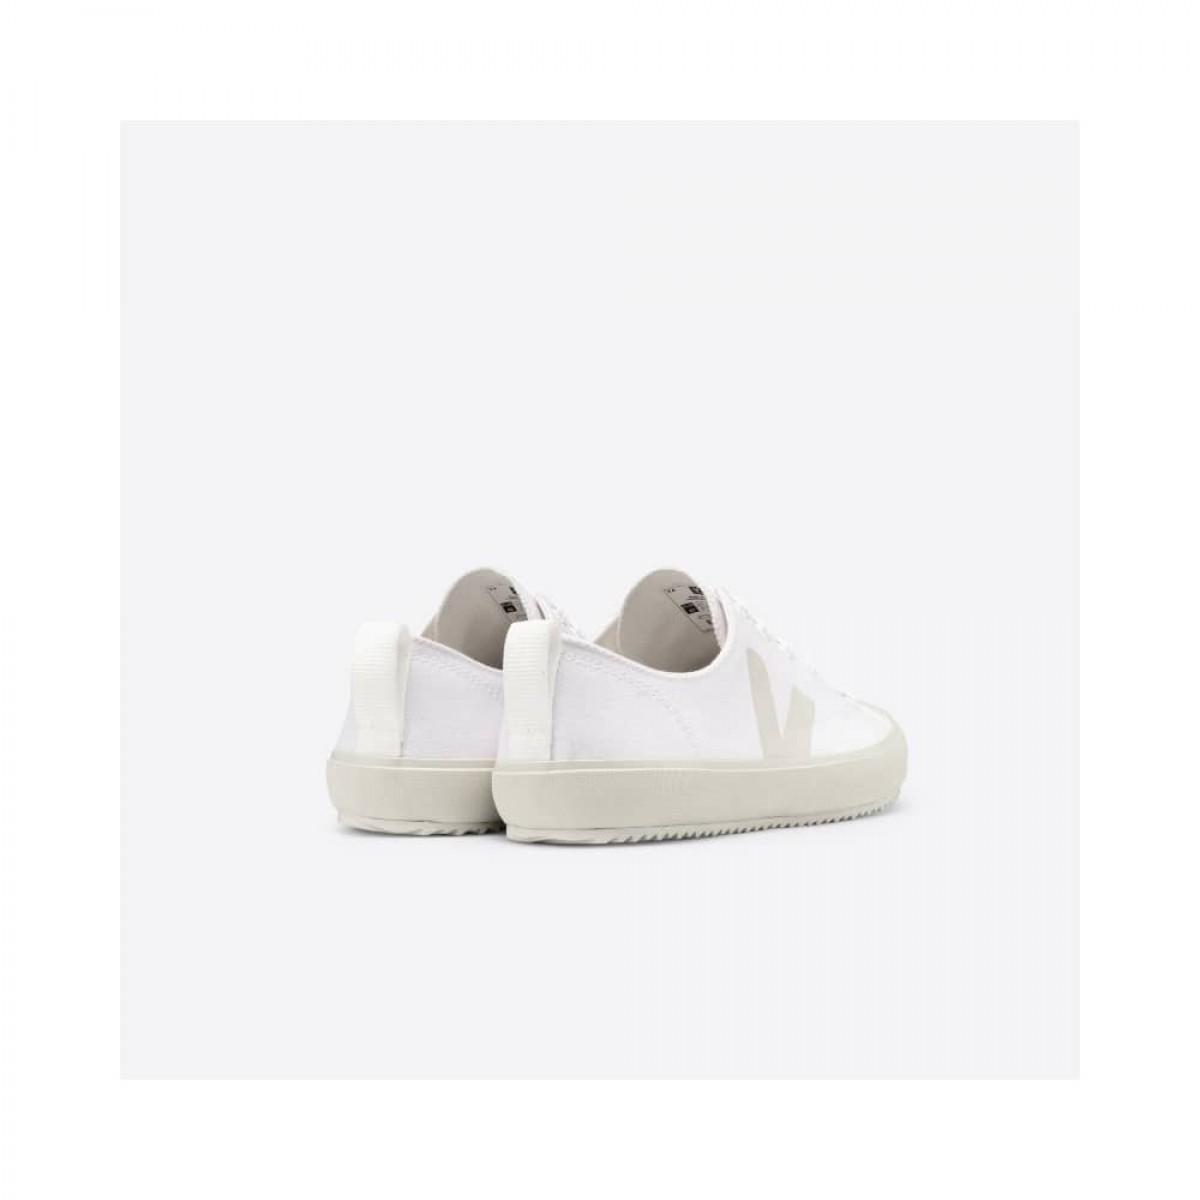 nova - white pierre - bagfra